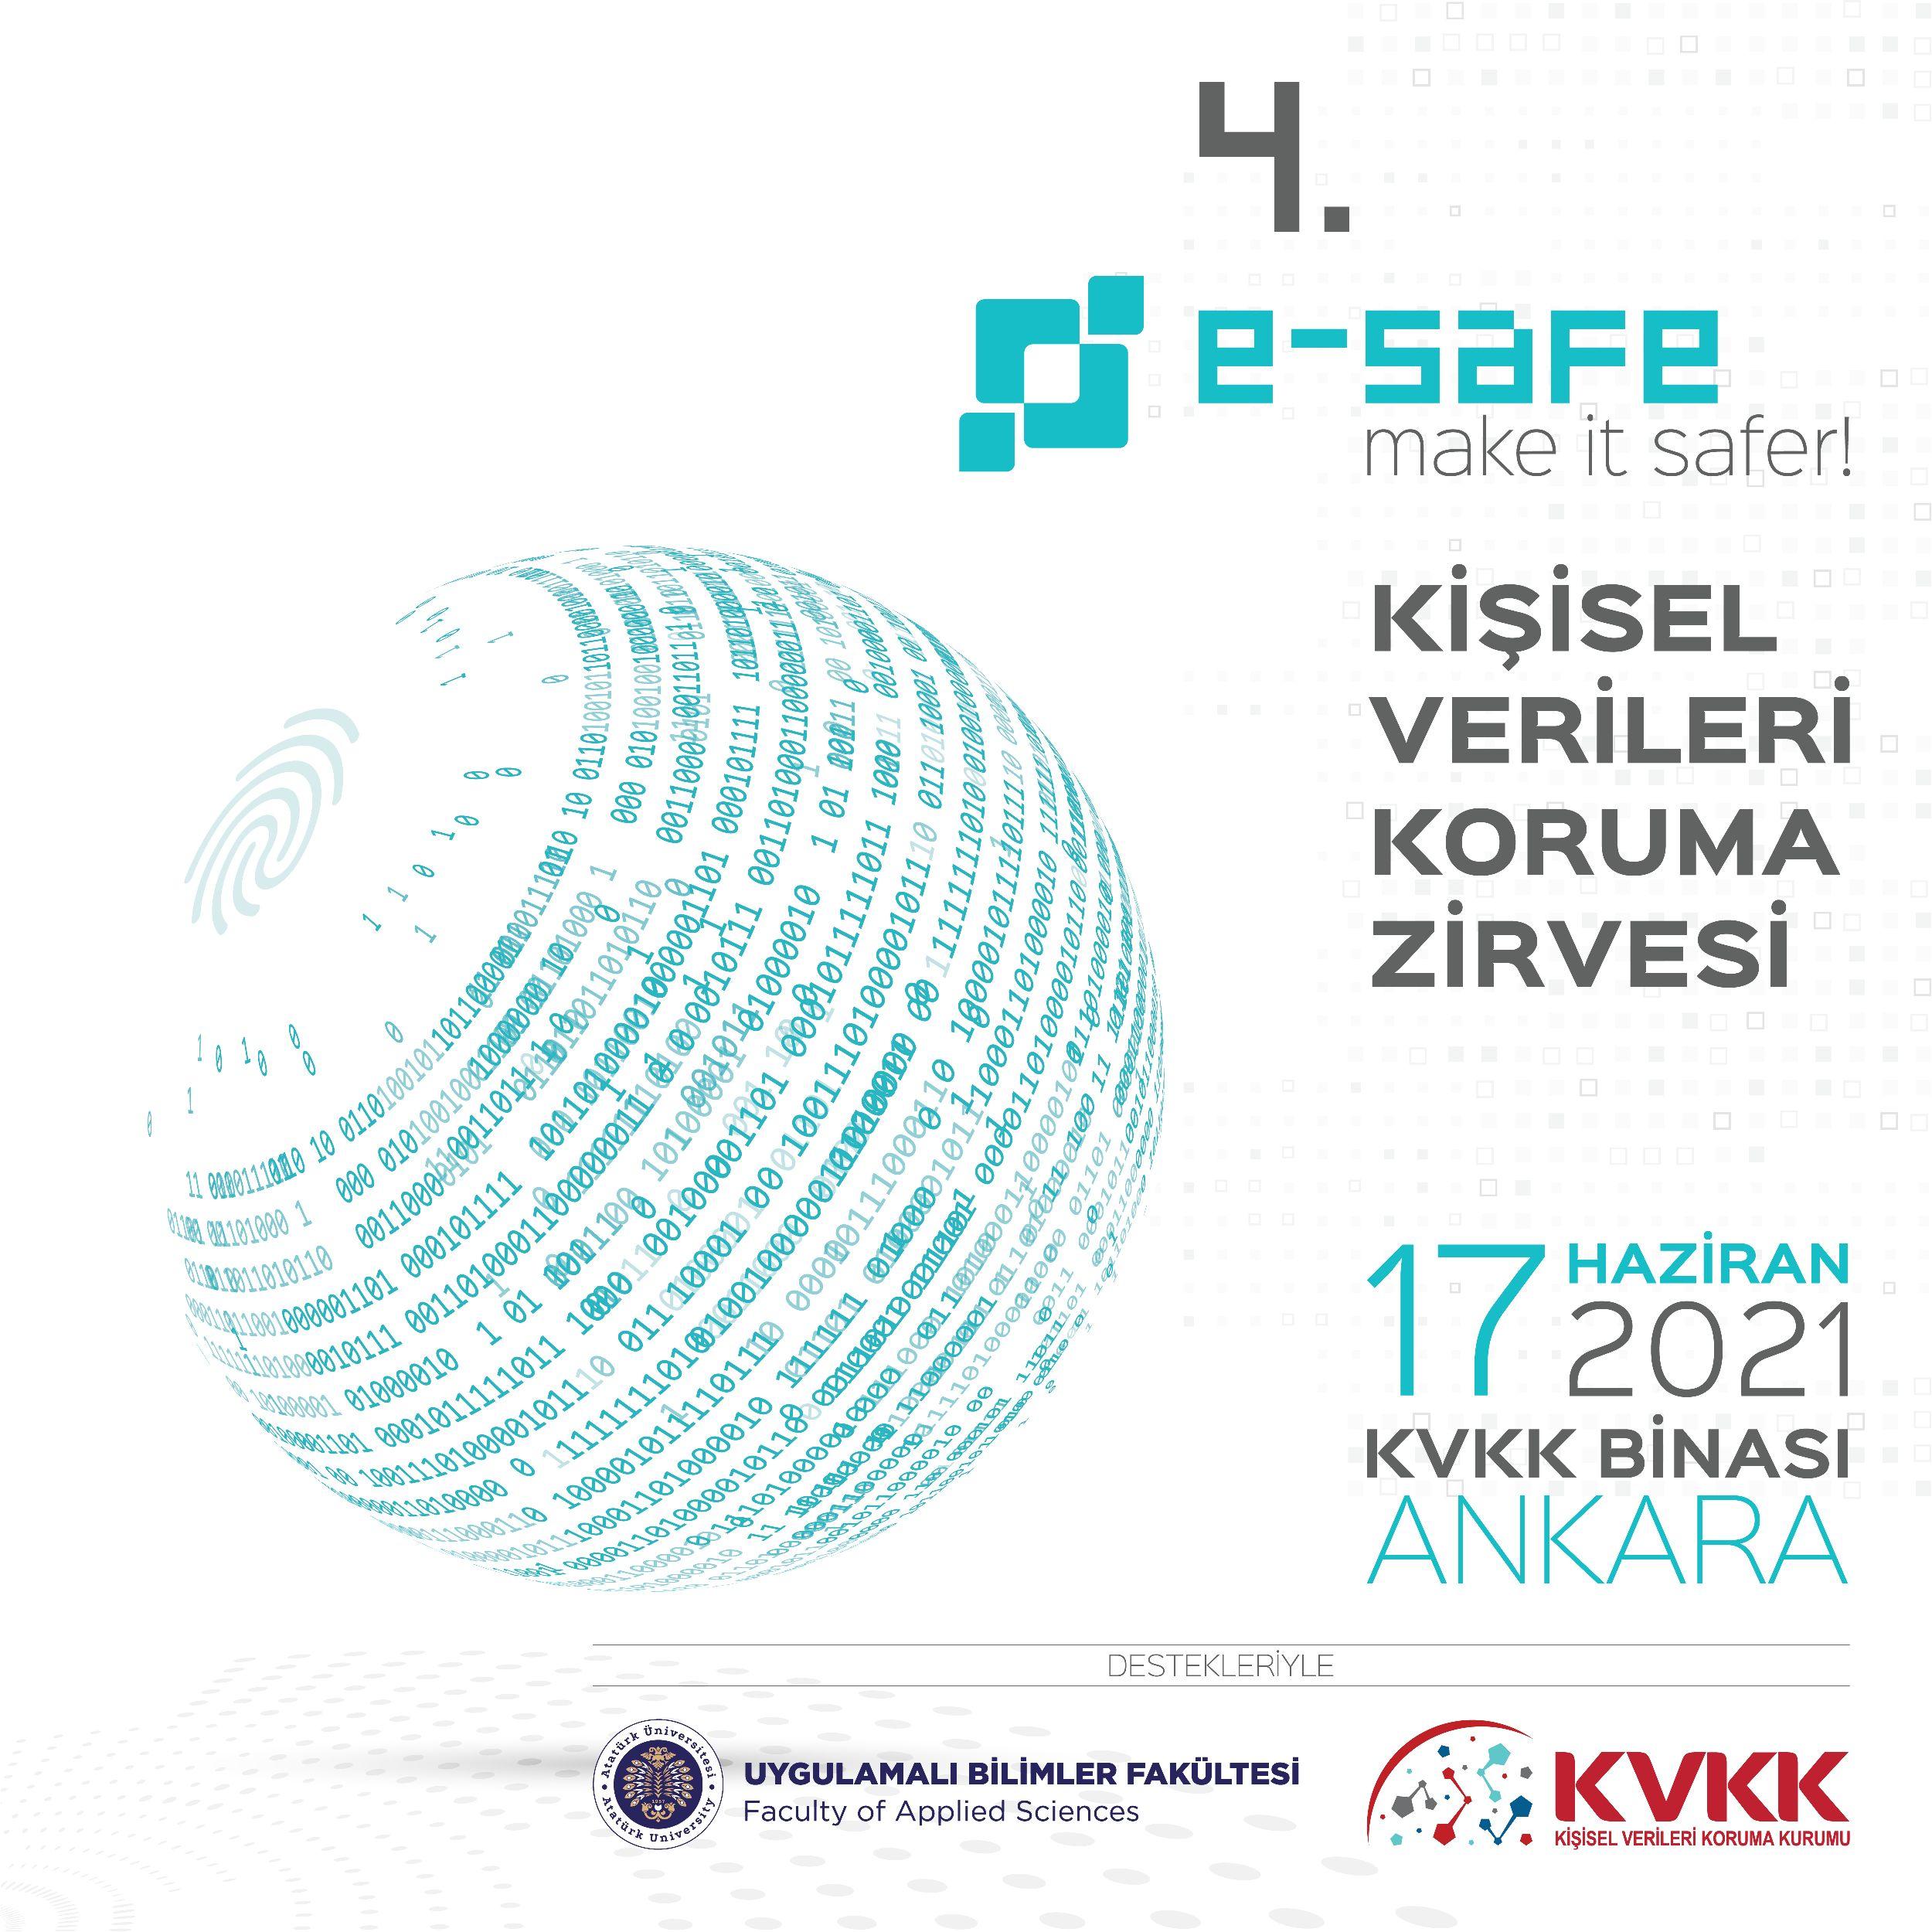 4'üncü e-Safe Kişisel Verileri Koruma Zirvesi, İdari ve Teknik Tedbirleri Masaya Yatırıyor